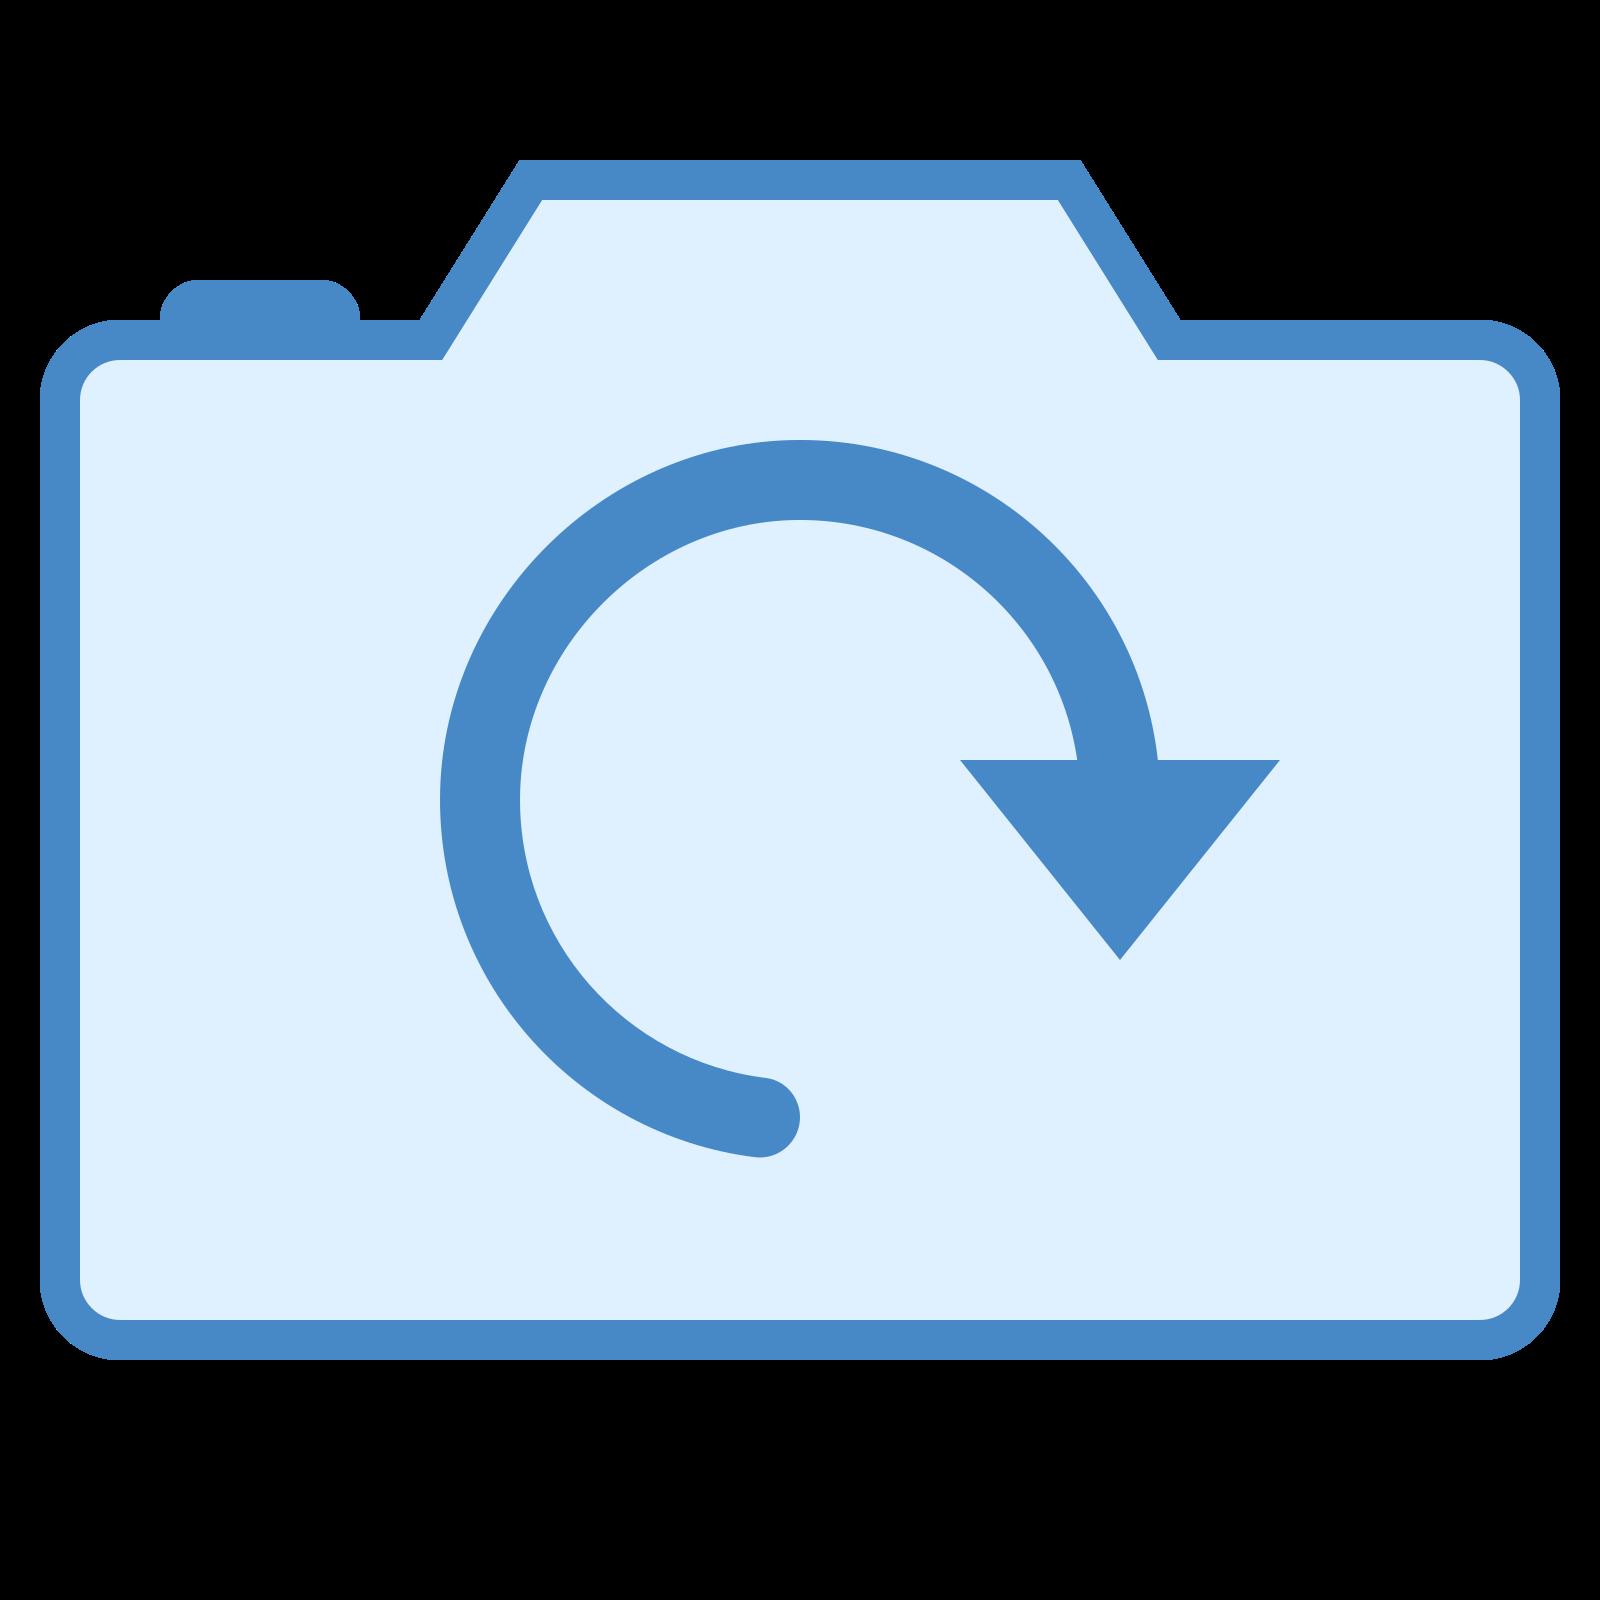 カメラを回転する icon. The icon is shaped like a rectangle with round edges but the top of it is not flat. The top is like a pyramid shape with a flat top. Inside the rectangle is a shape like a circle that doesn't fully connect because one end has an arrow shape on it.